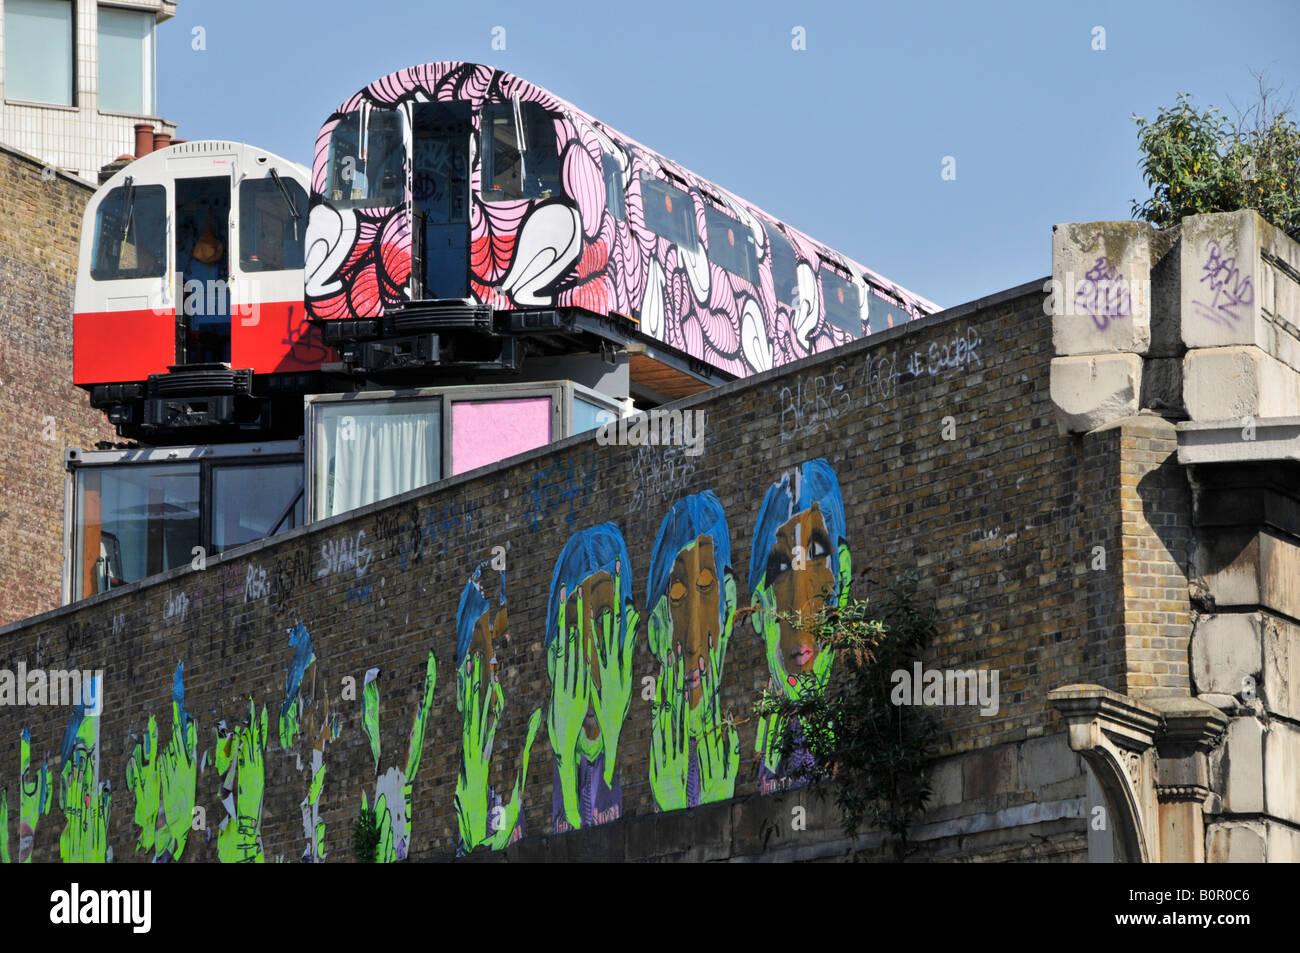 Tubo de reciclado vagones utilizados como estudios de artistas encima antiguo viaducto ferroviario con muros utilizados Imagen De Stock